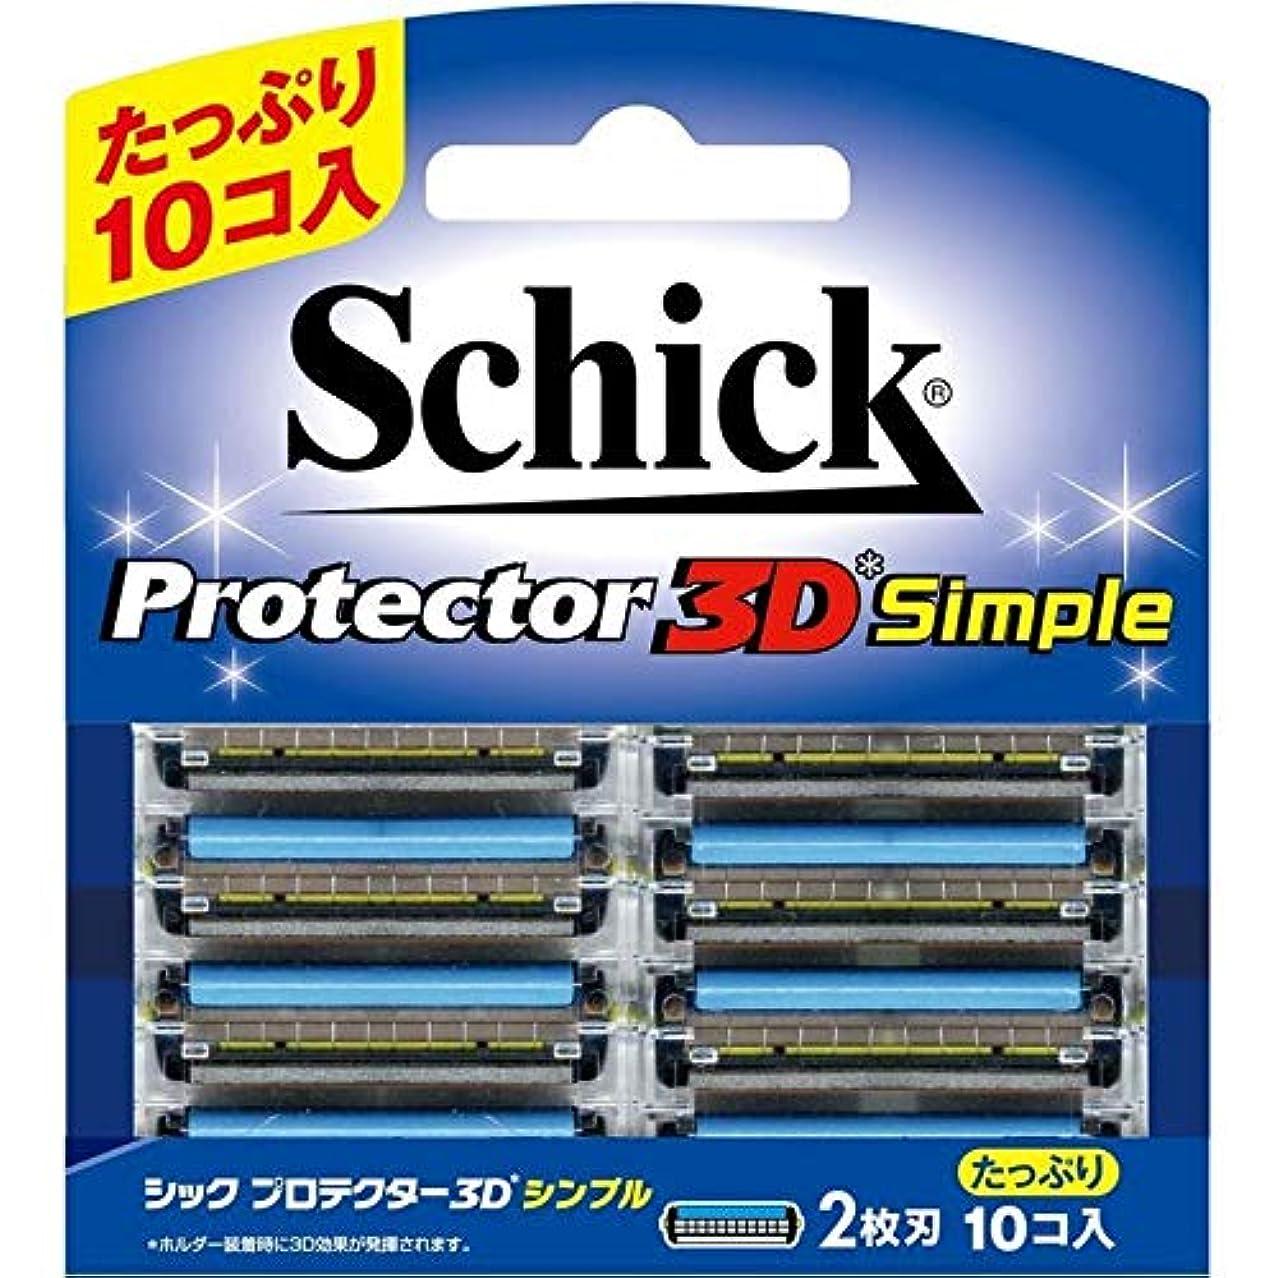 シック プロテクター3D シンプル 替刃 (10コ入) 男性用カミソリ 3個セット